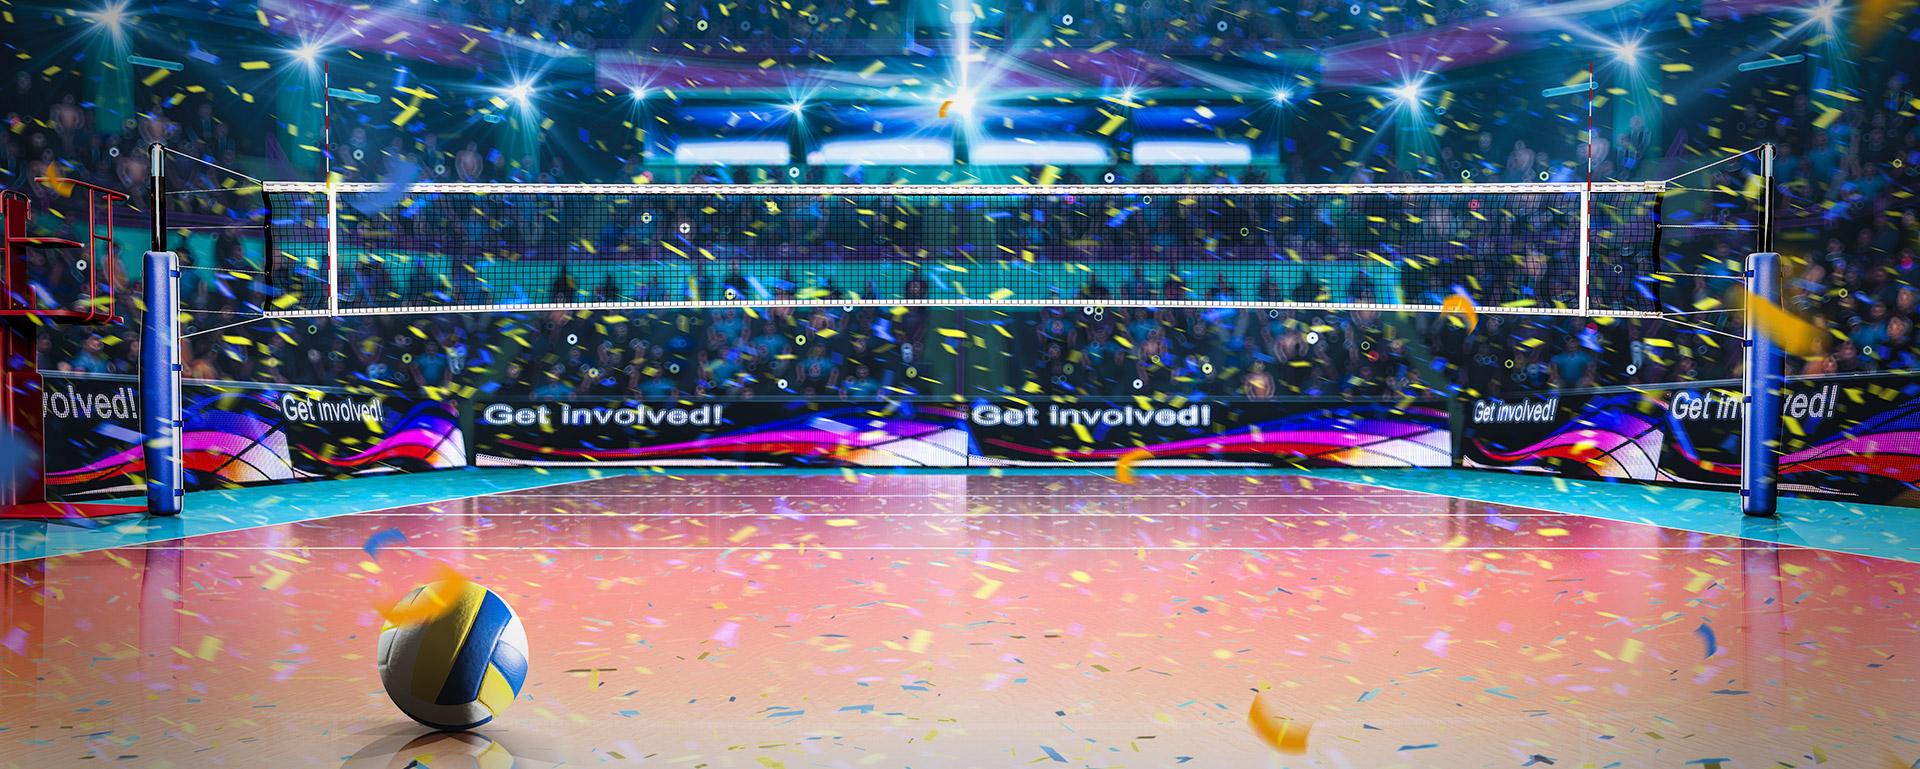 Co warto wiedzieć o Mistrzostwach Europy w siatkówce?